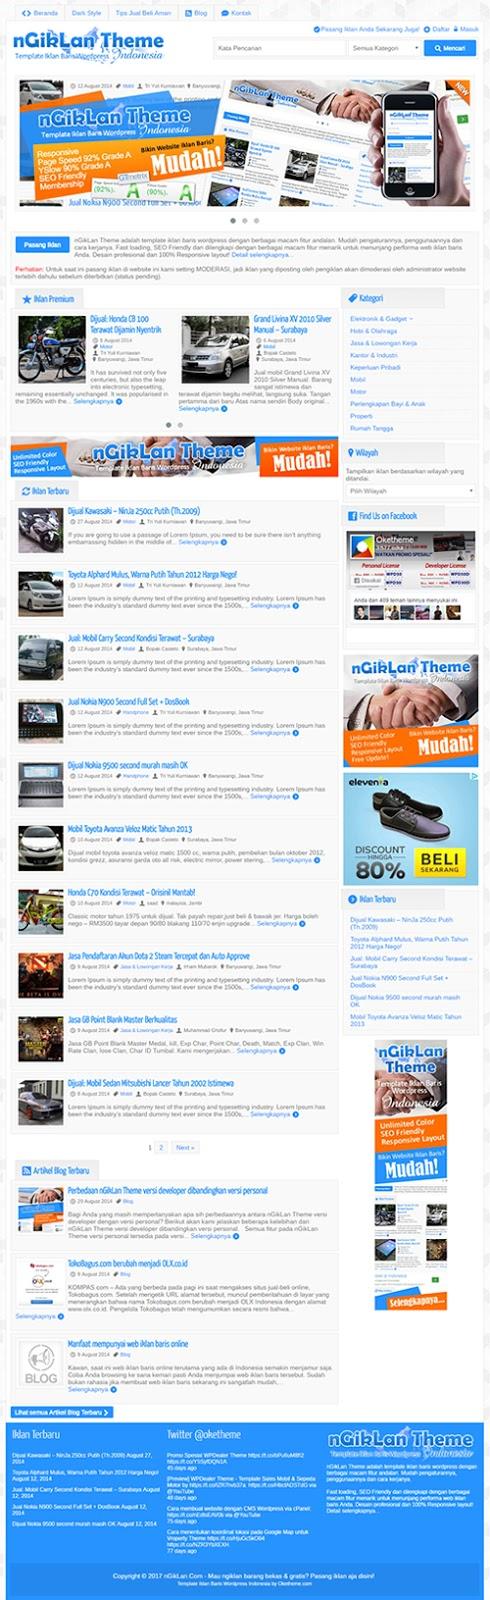 Jasa Pembuatan Situs Iklan Baris Gratis Termurah | Menuu.id